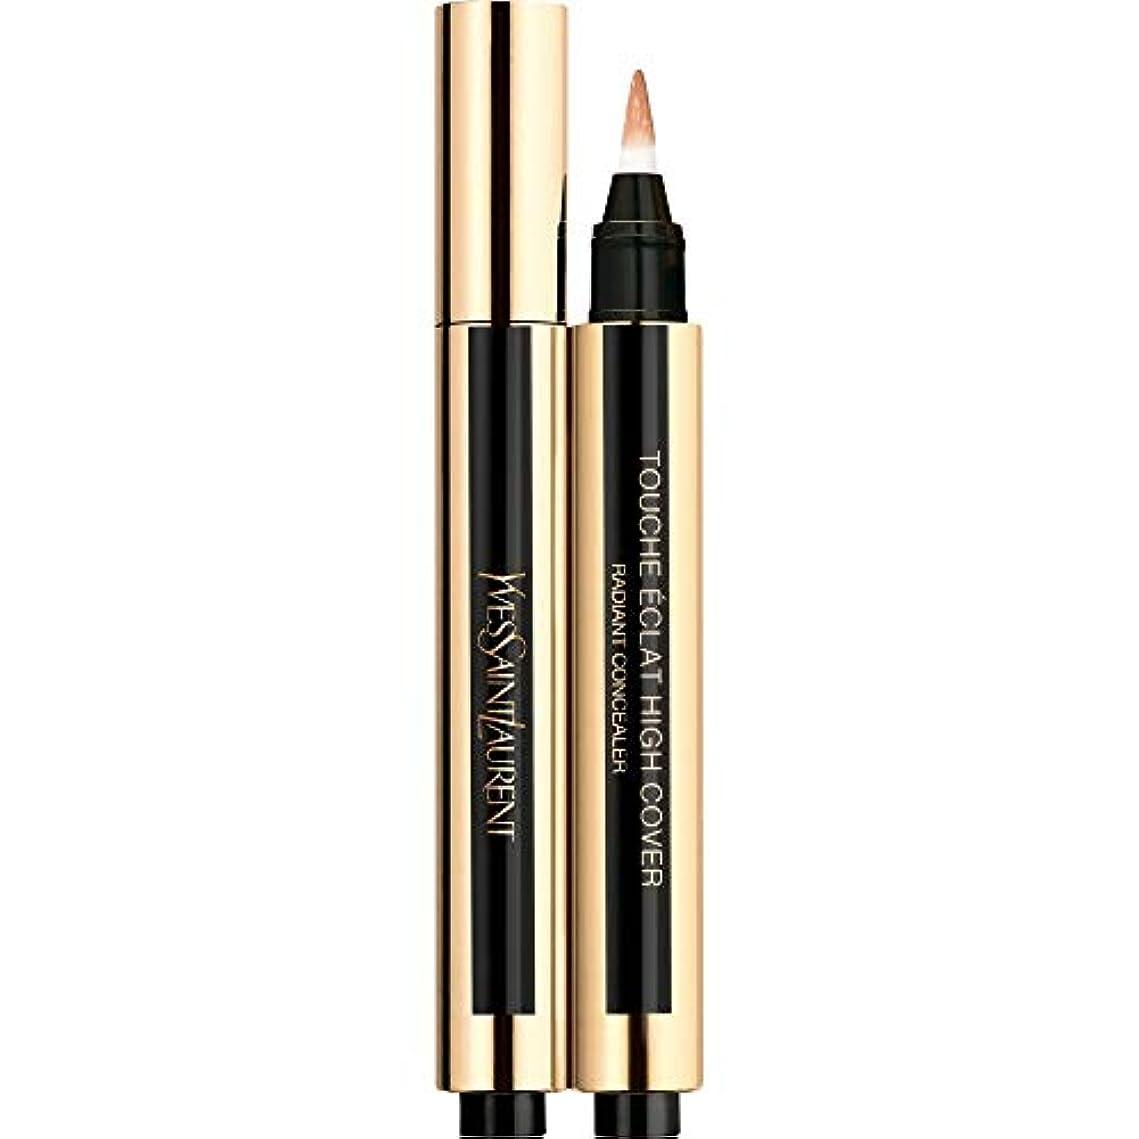 アリベリー器具[Yves Saint Laurent] 2.5 2.5ミリリットルイヴ?サンローランのトウシュエクラ高いカバー放射コンシーラーペン - 桃 - Yves Saint Laurent Touche Eclat High Cover Radiant Concealer Pen 2.5ml 2.5 - Peach [並行輸入品]